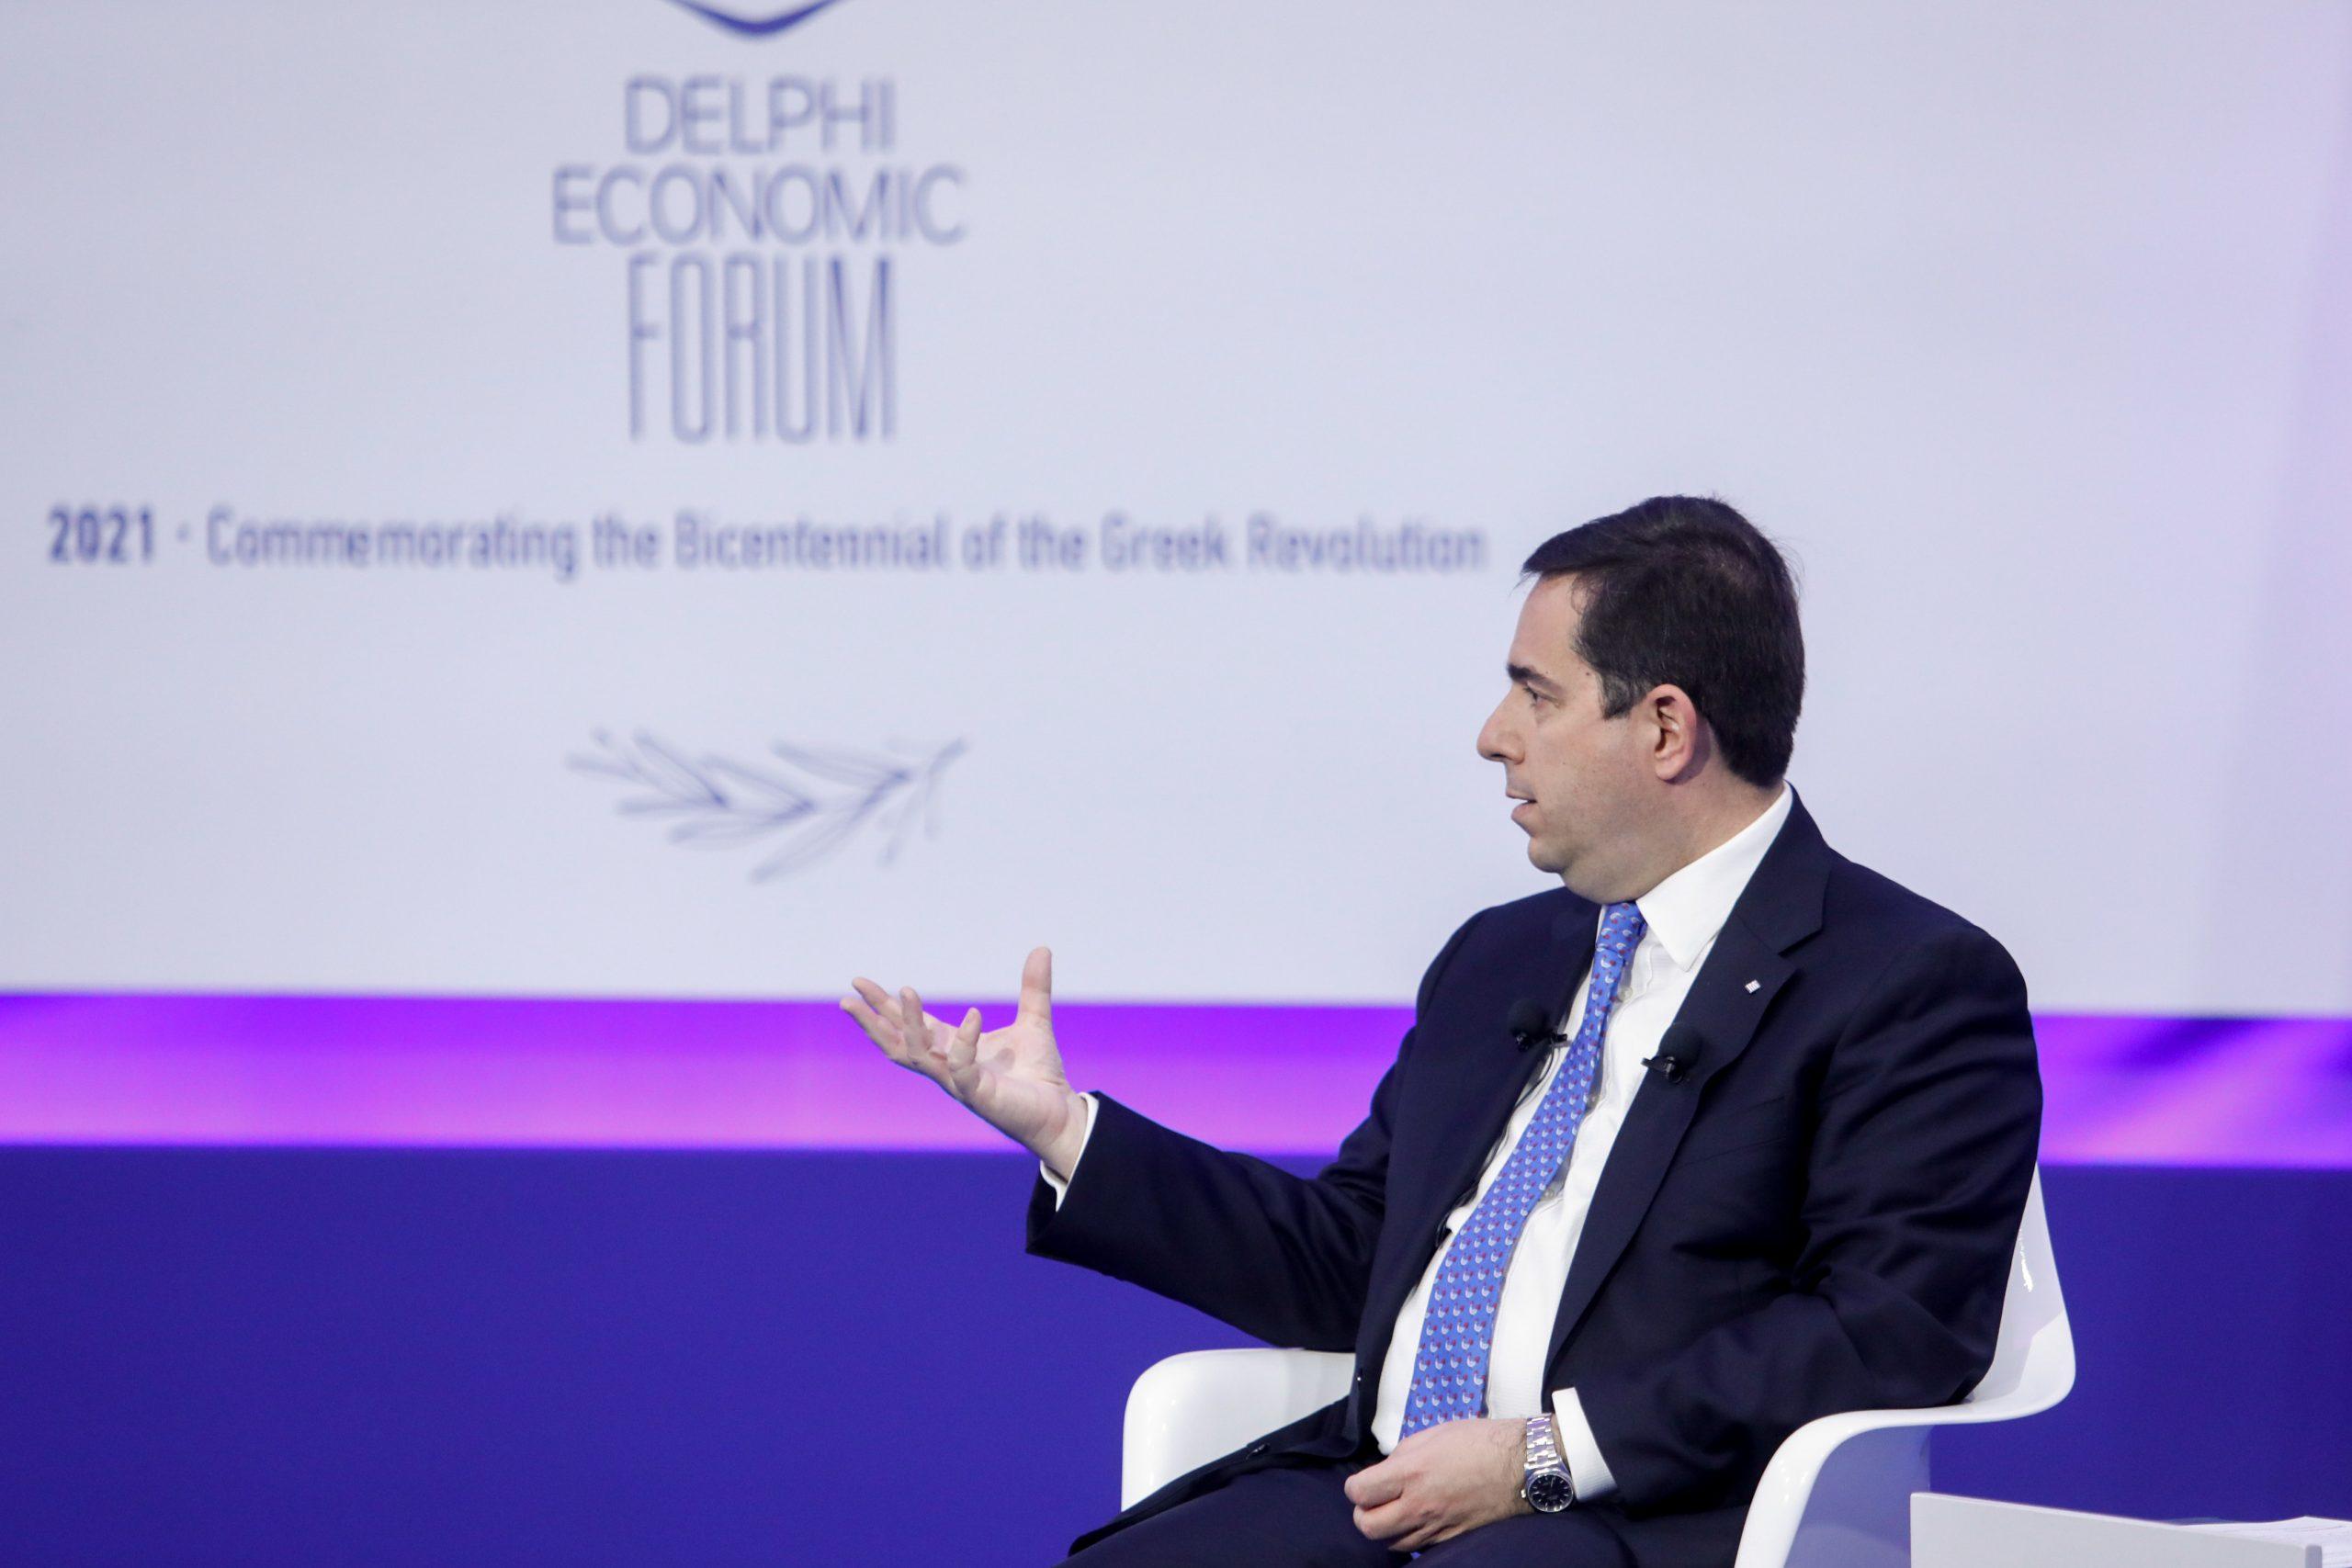 Συζήτηση για το Μεταναστευτικό από τους αρμόδιους Υπουργούς Ελλάδας και Γερμανίας